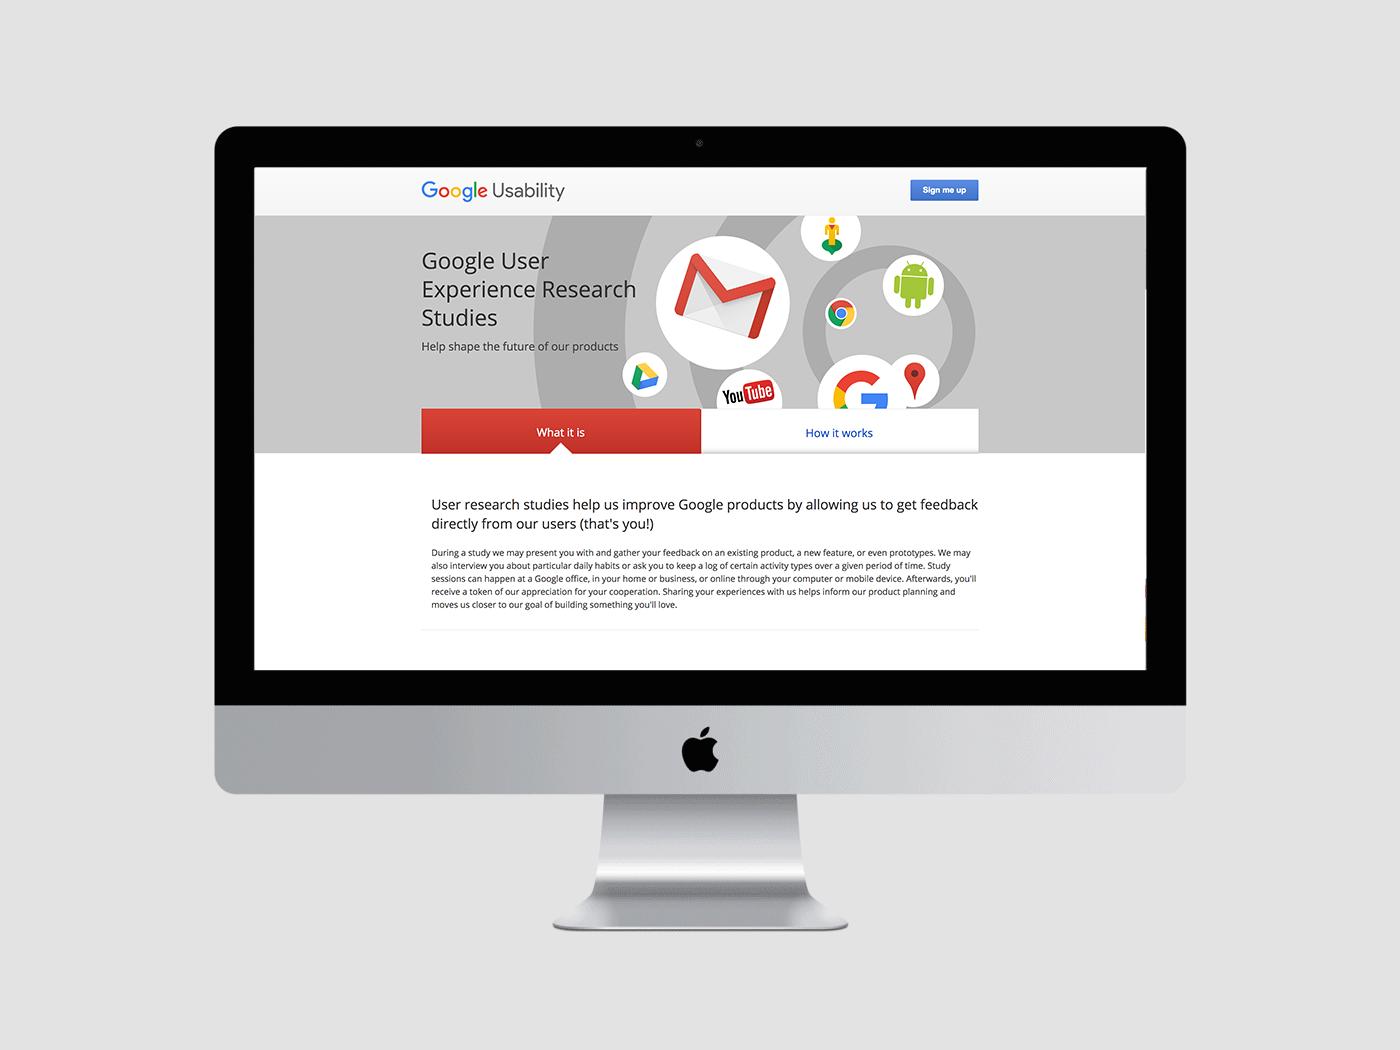 google.com/usabilty prior to the redesign